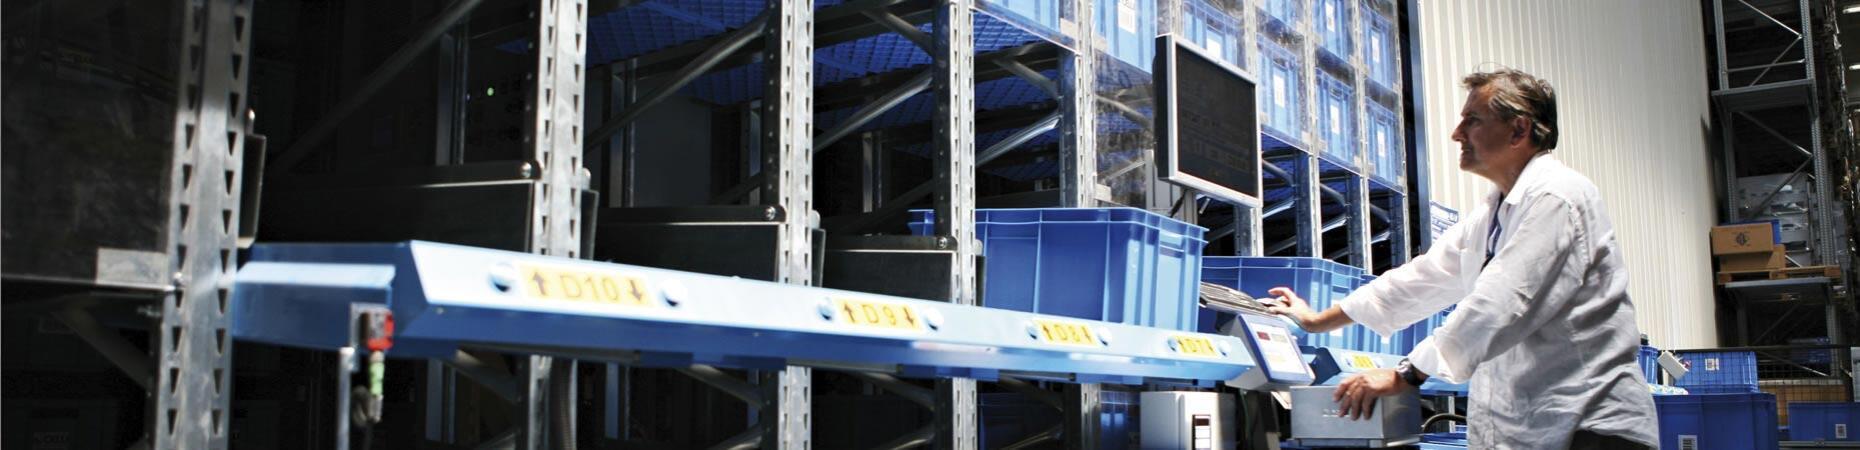 ecoservice-forli it servizi-logistica-settore-sanitario-forli 005